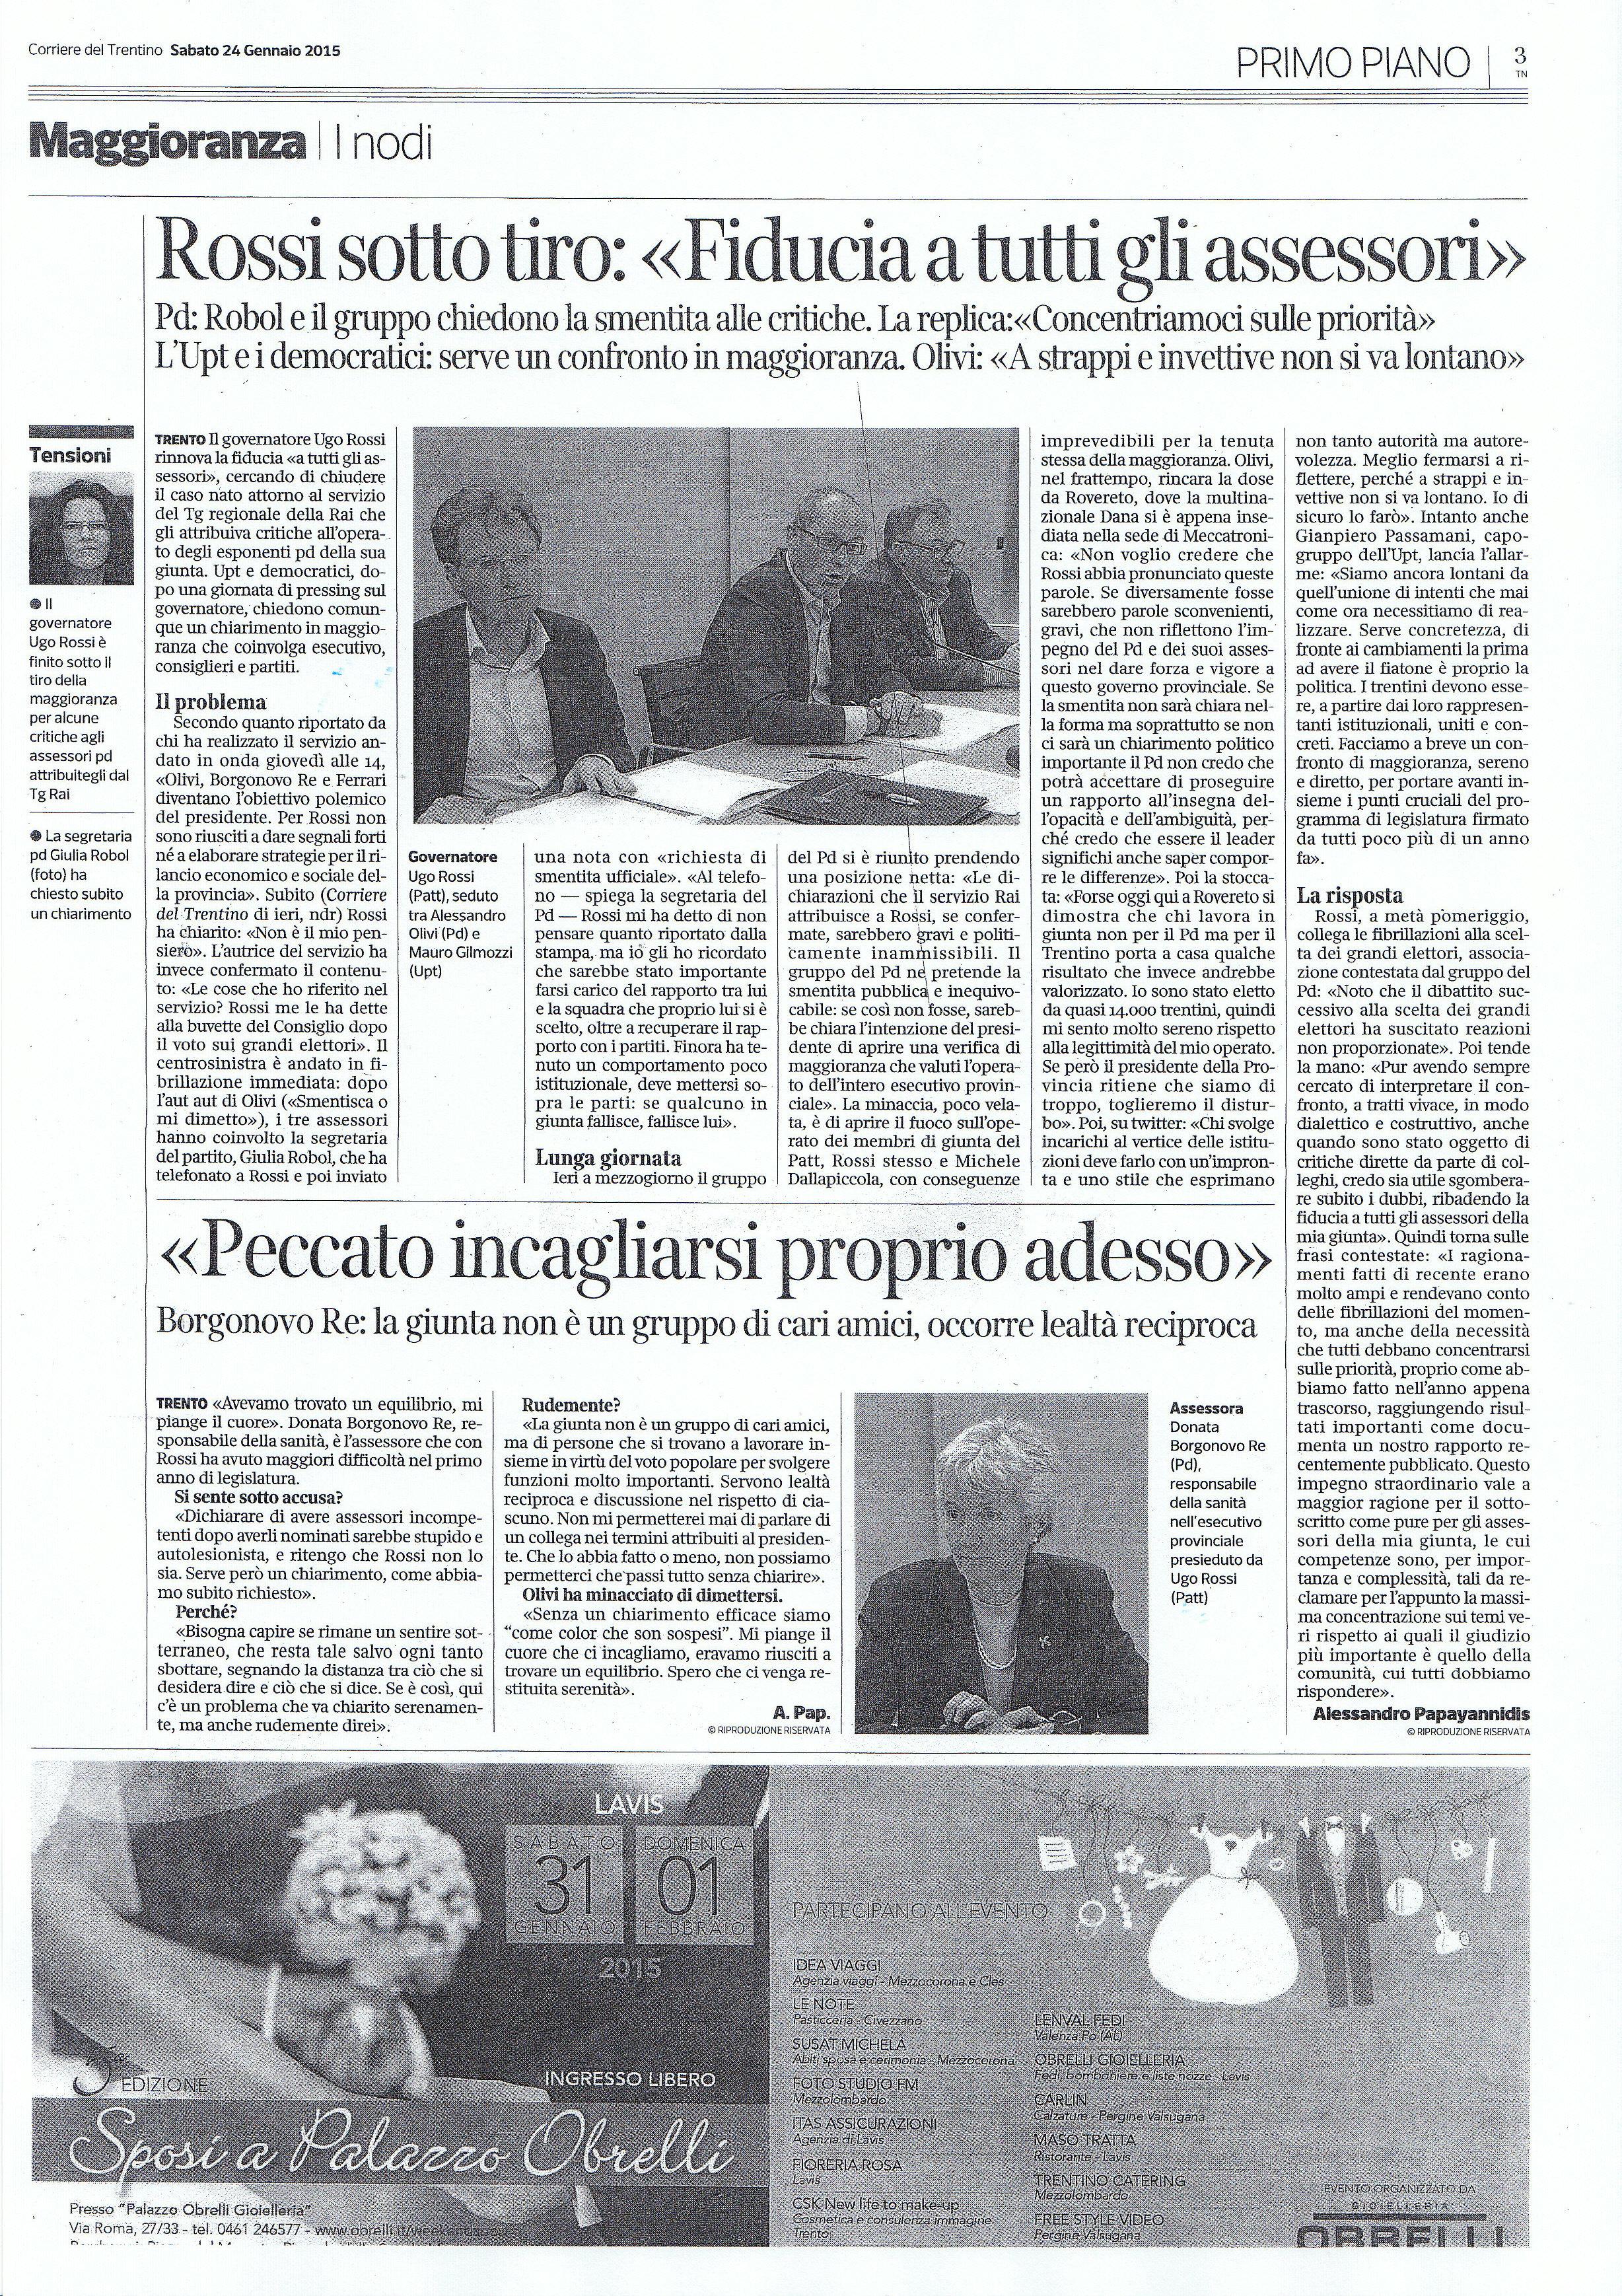 Corriere del Trentino del 25 gennaio 2015